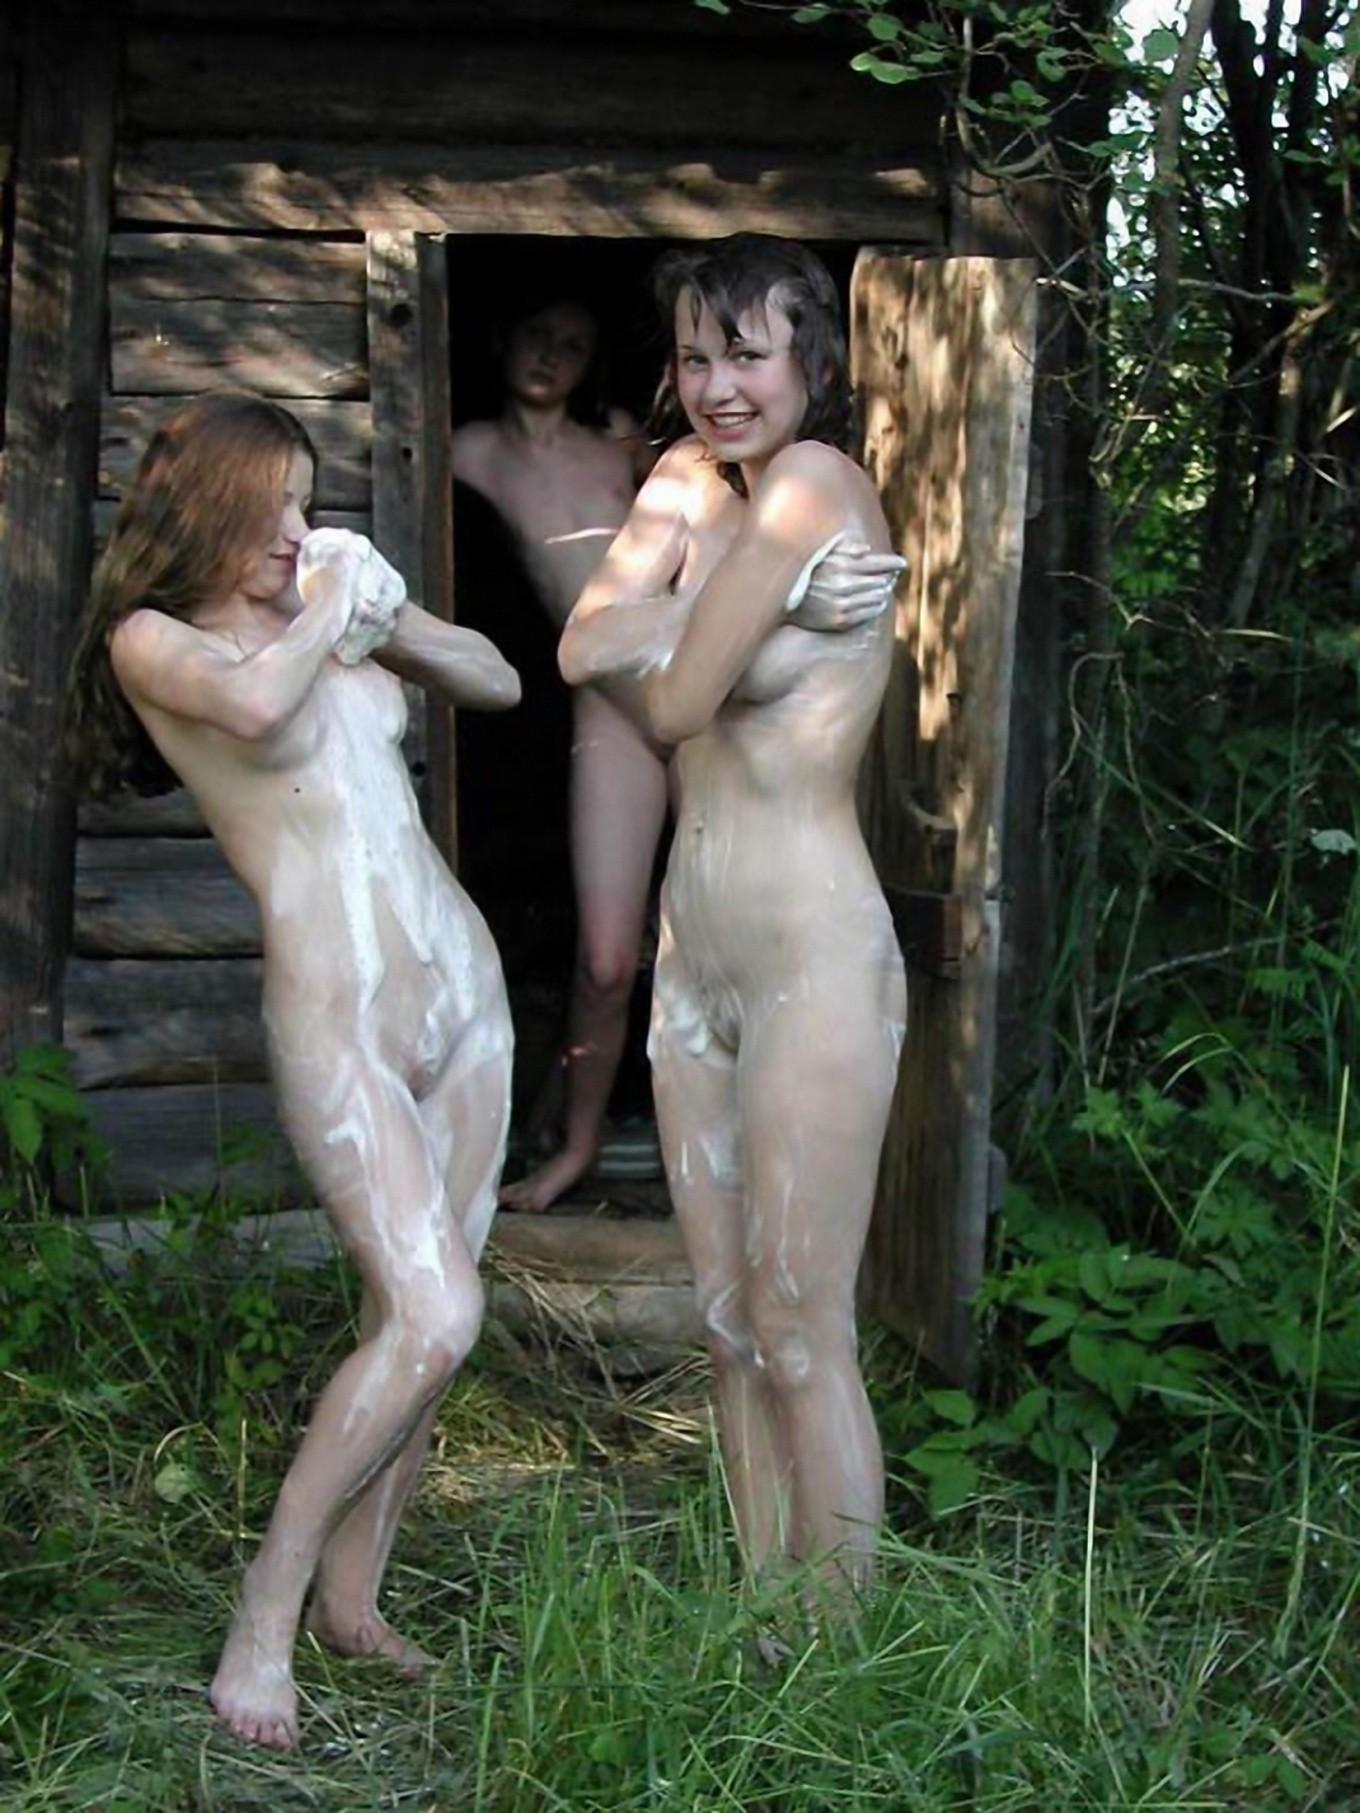 Сексуальные приключения в деревни рассказы 12 фотография